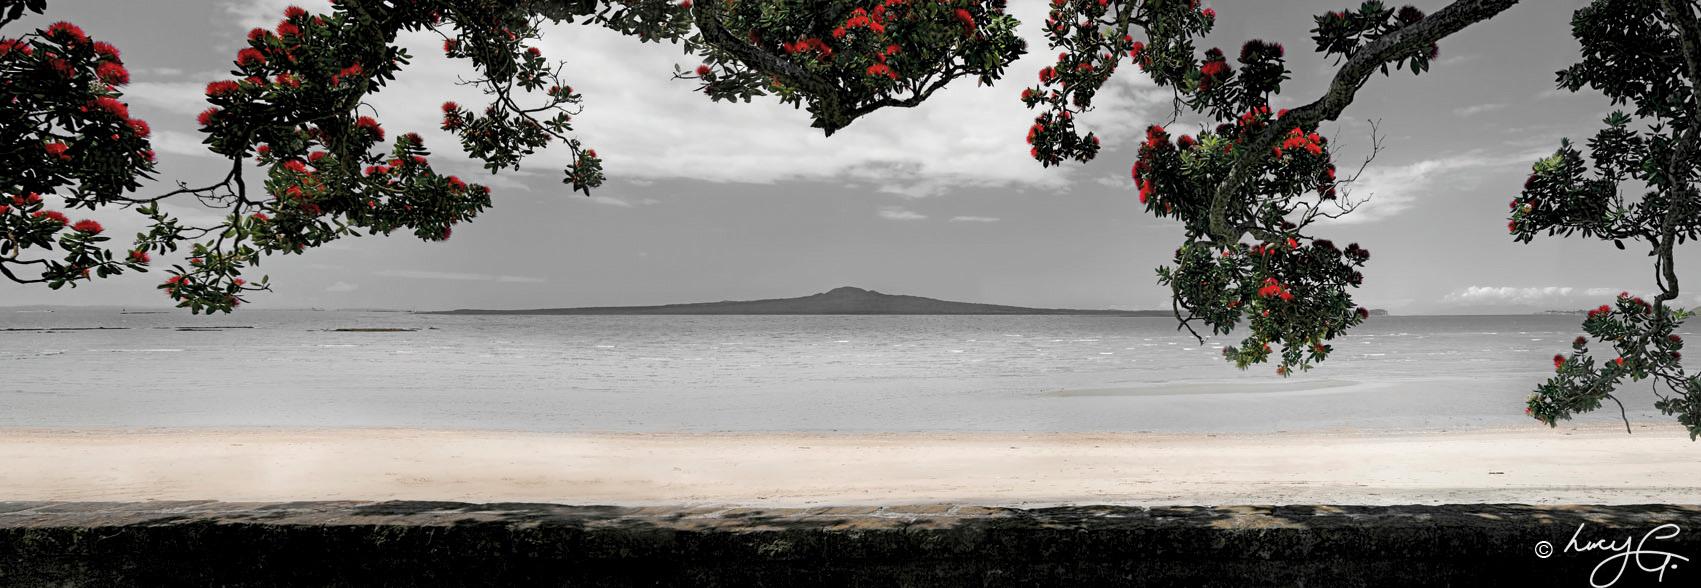 Kohi paradise rangitoto printed image on glass splashback